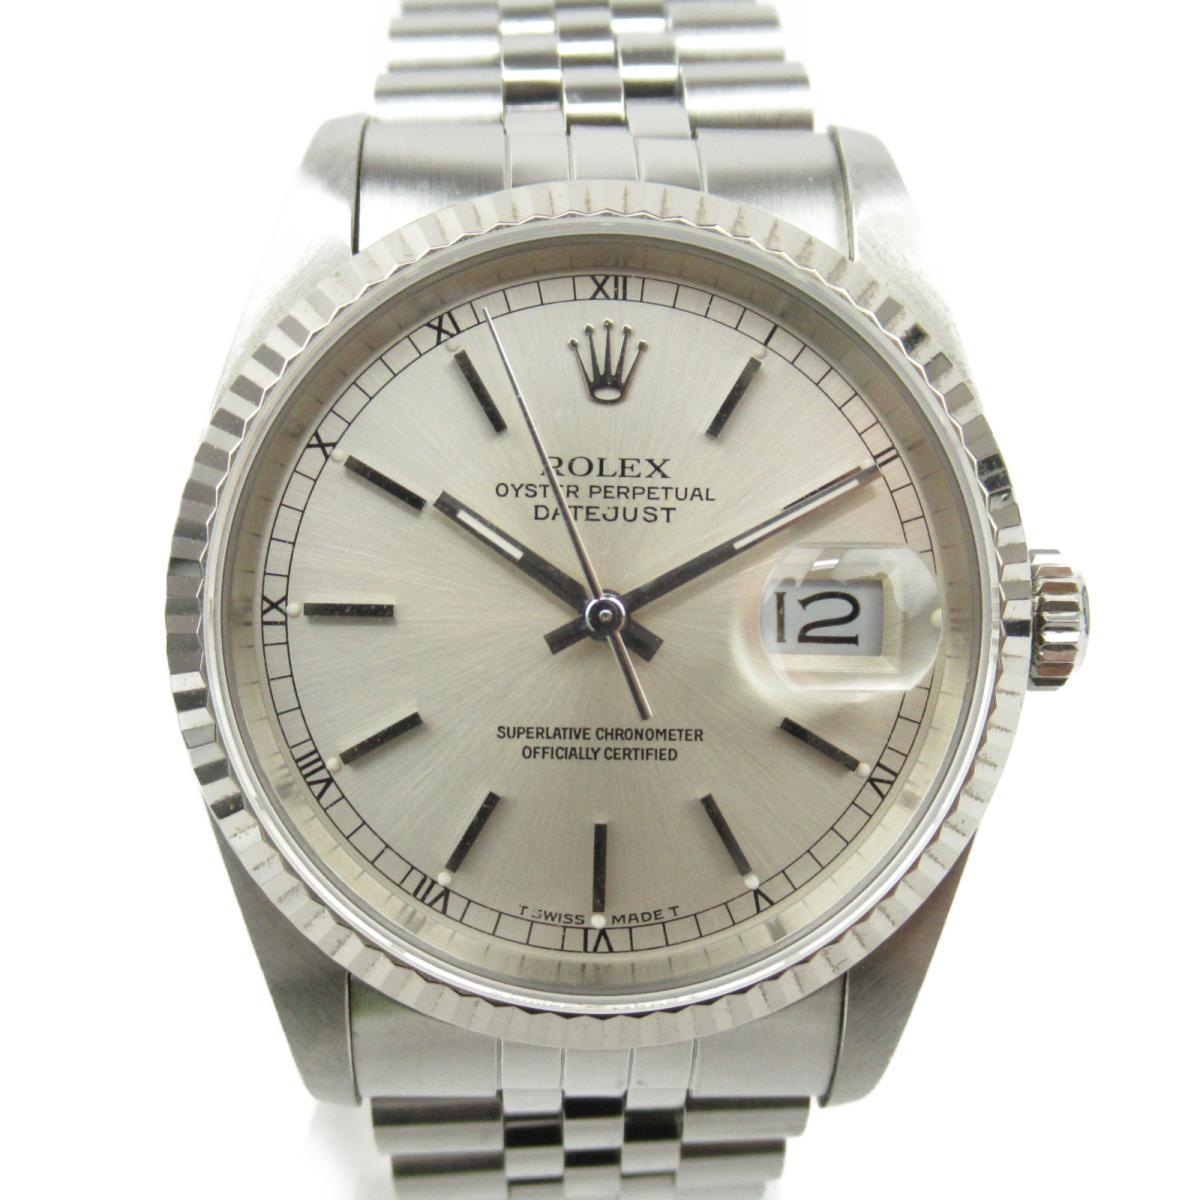 【中古】 ロレックス デイトジャスト ウォッチ 腕時計 メンズ K18WG (750)ホワイトゴールド x ステンレススチール (SS) (16234 R番) | ROLEX BRANDOFF ブランドオフ ブランド ブランド時計 ブランド腕時計 時計